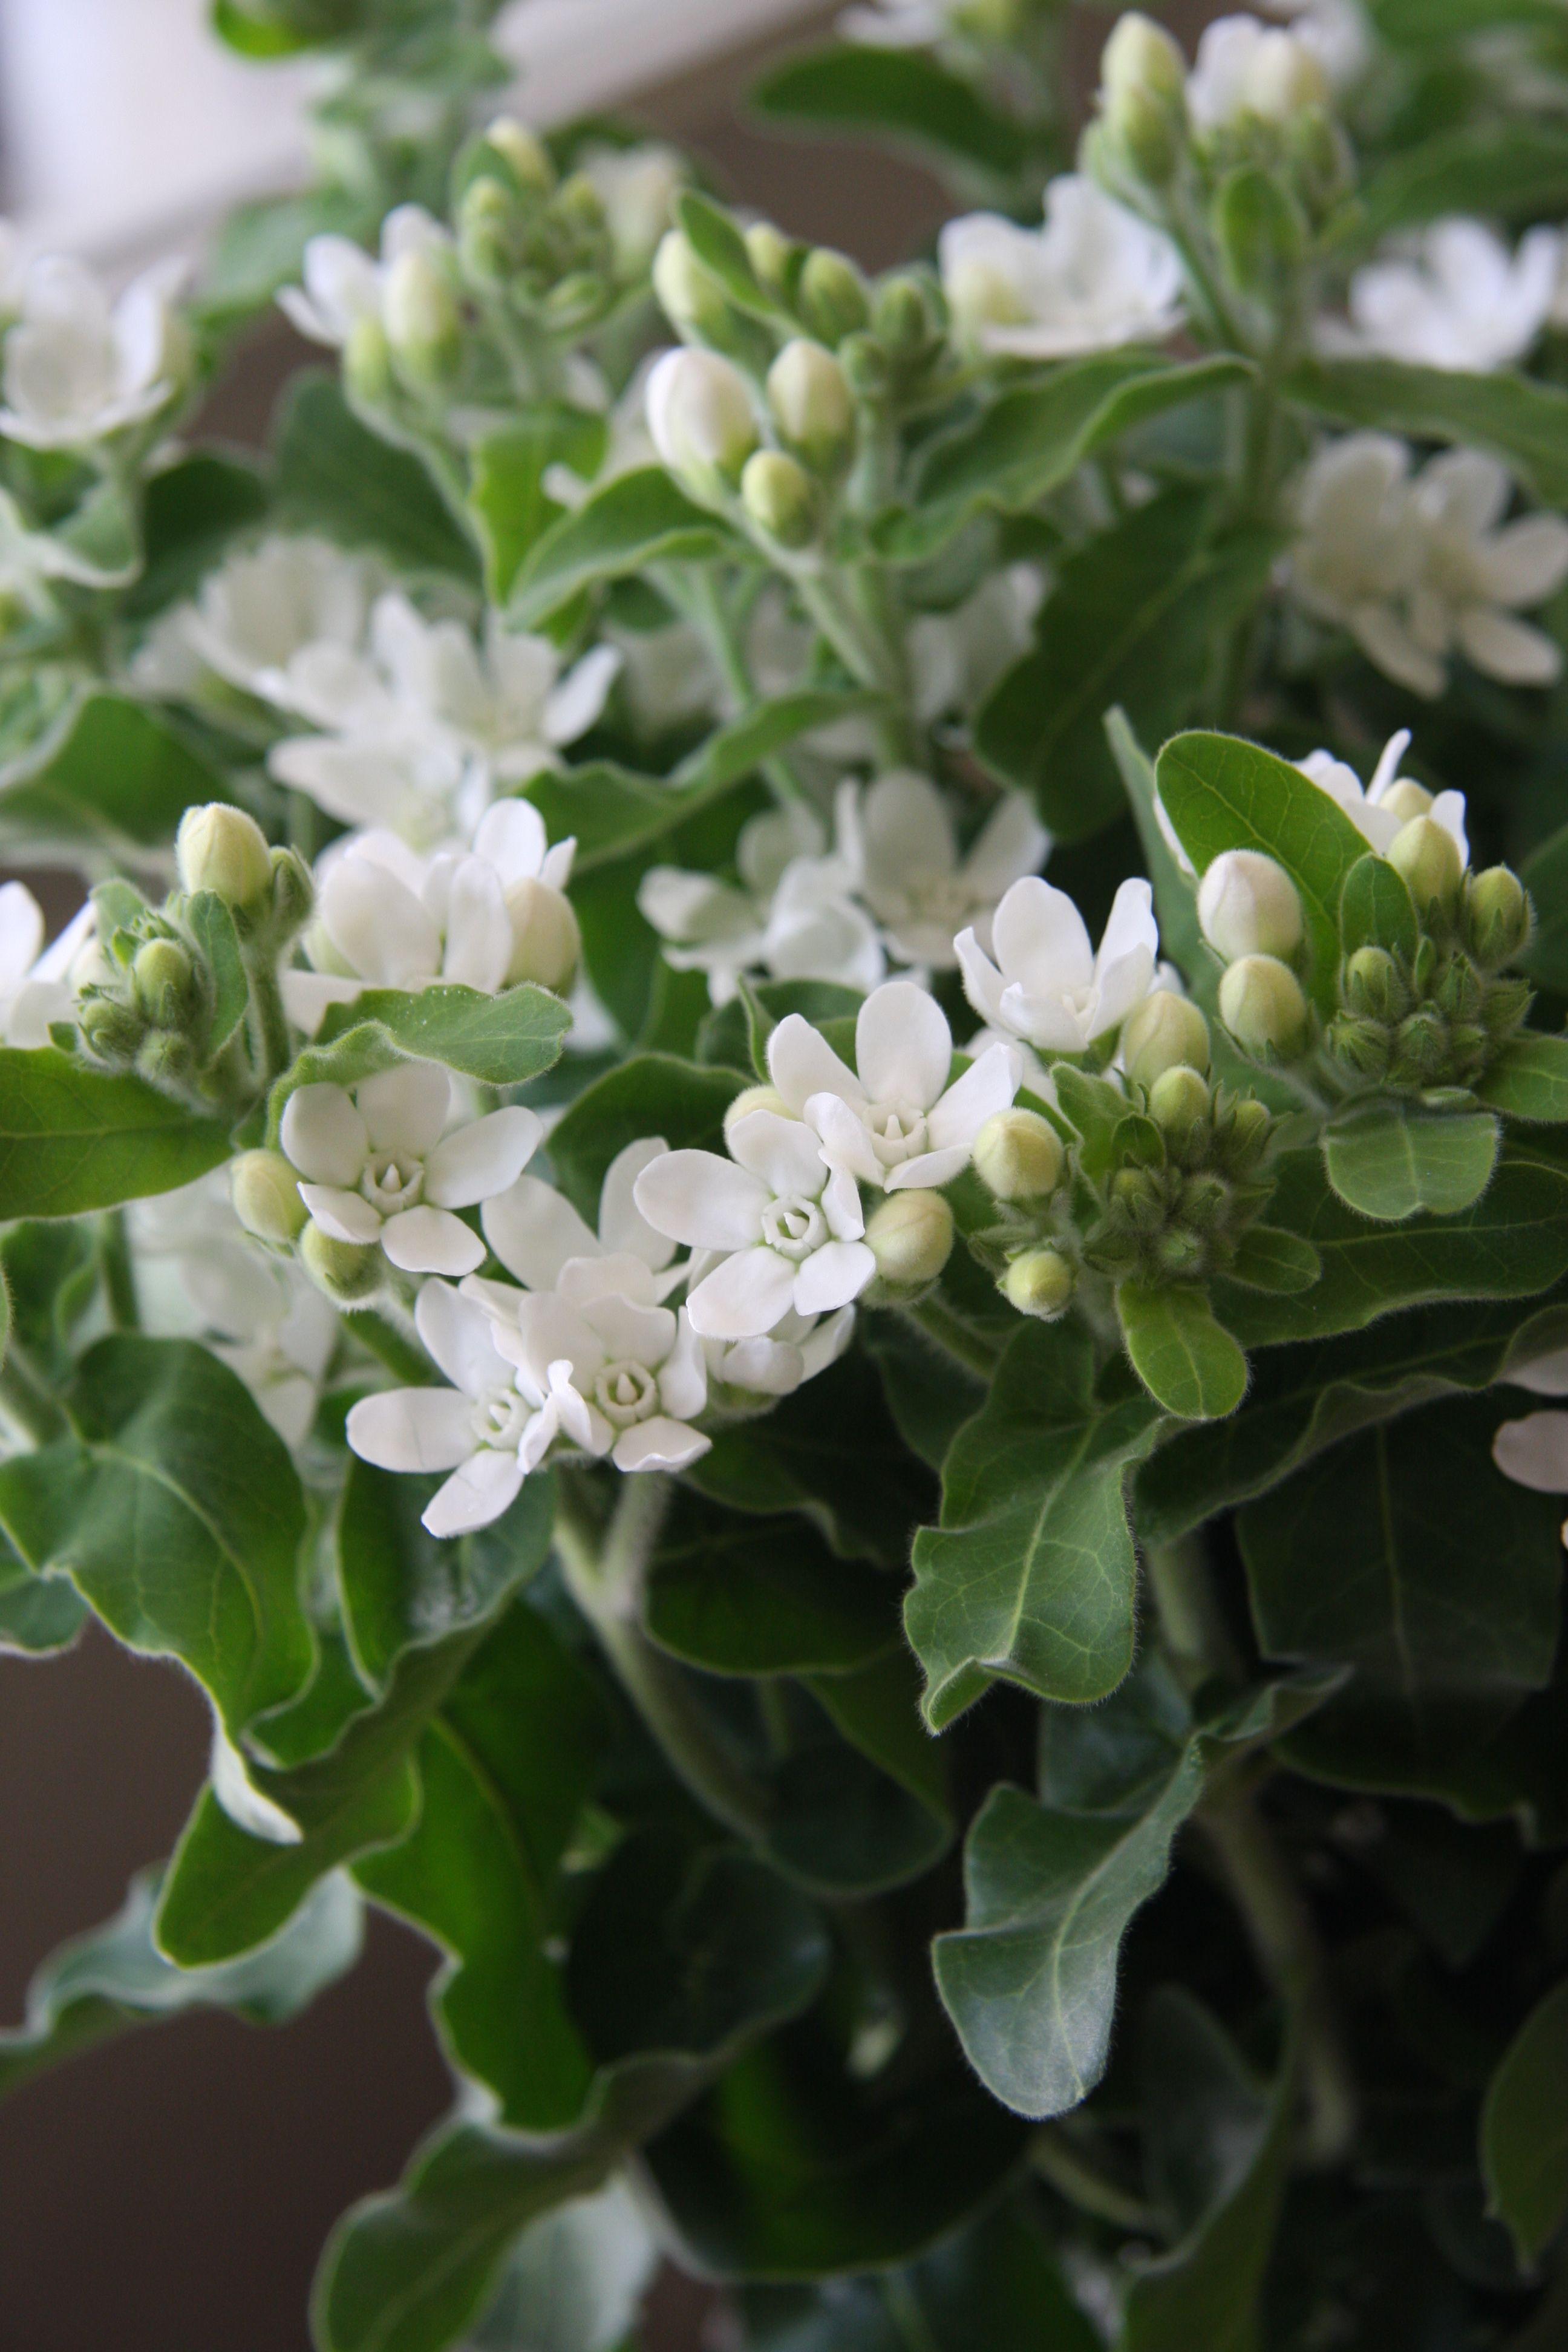 Oxypetalum \'White star\' | Flower Power | Pinterest | Star, Flowers ...